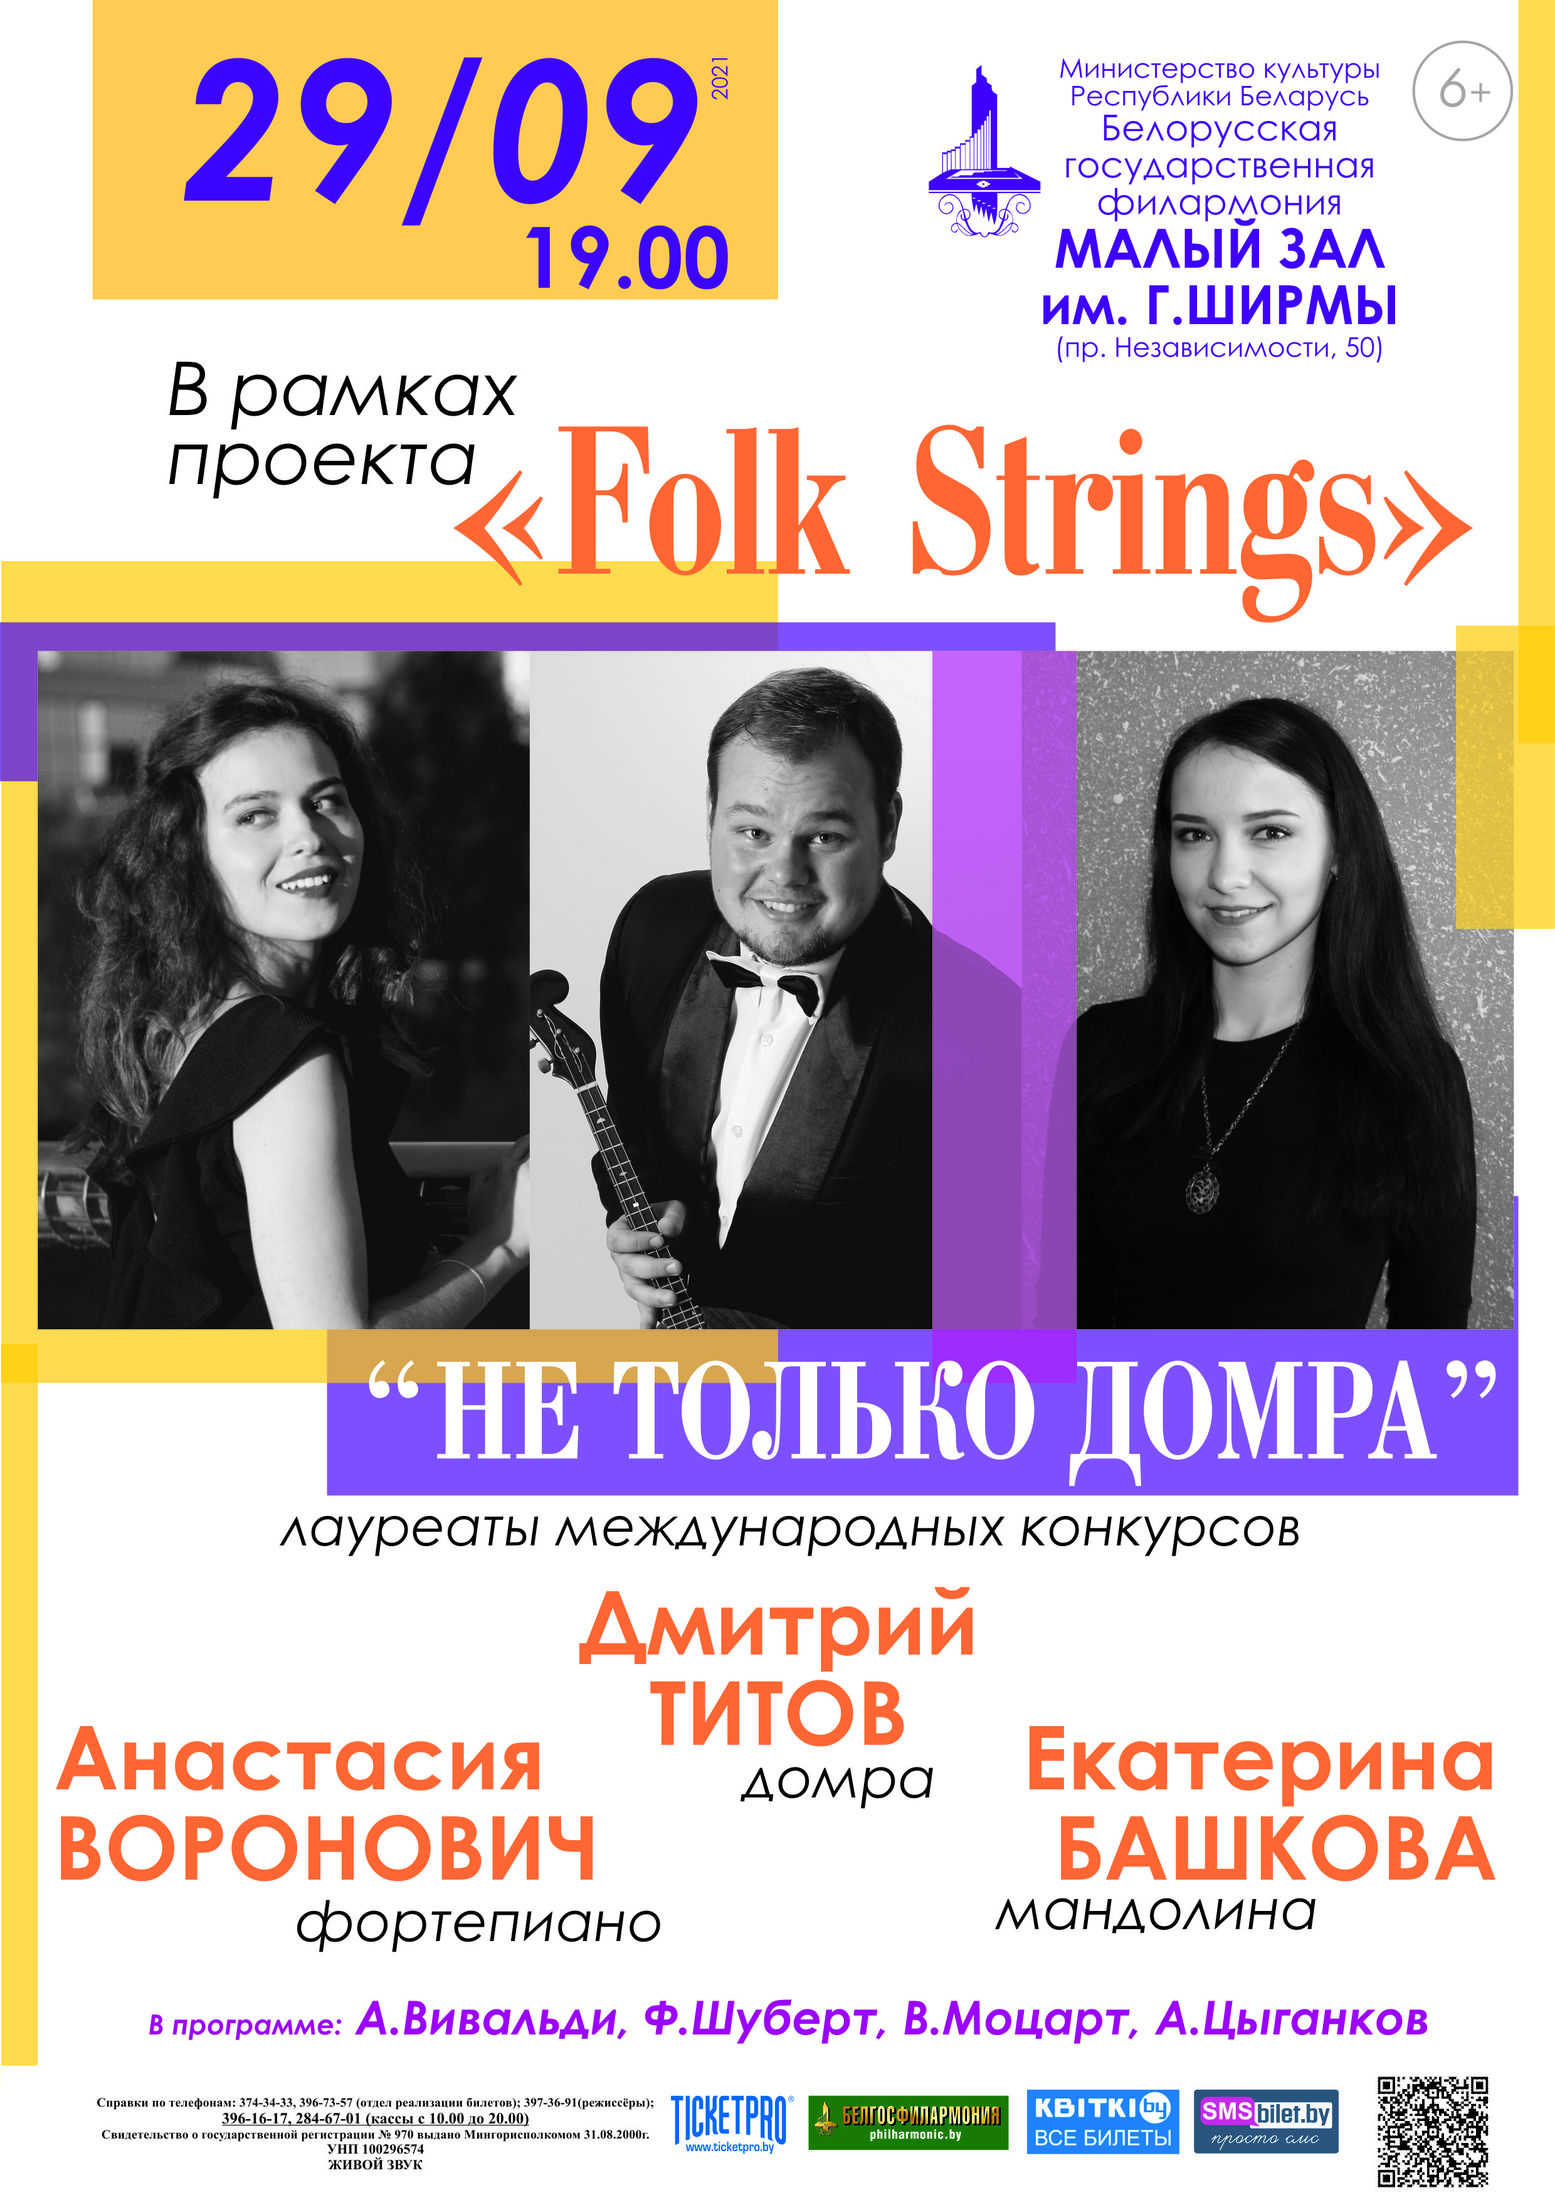 «Не только домра»: Дмитрий Титов (домра), Анастасия Воронович (фортепиано), Екатерина Башкова (мандолина) @ Белорусская государственная филармония